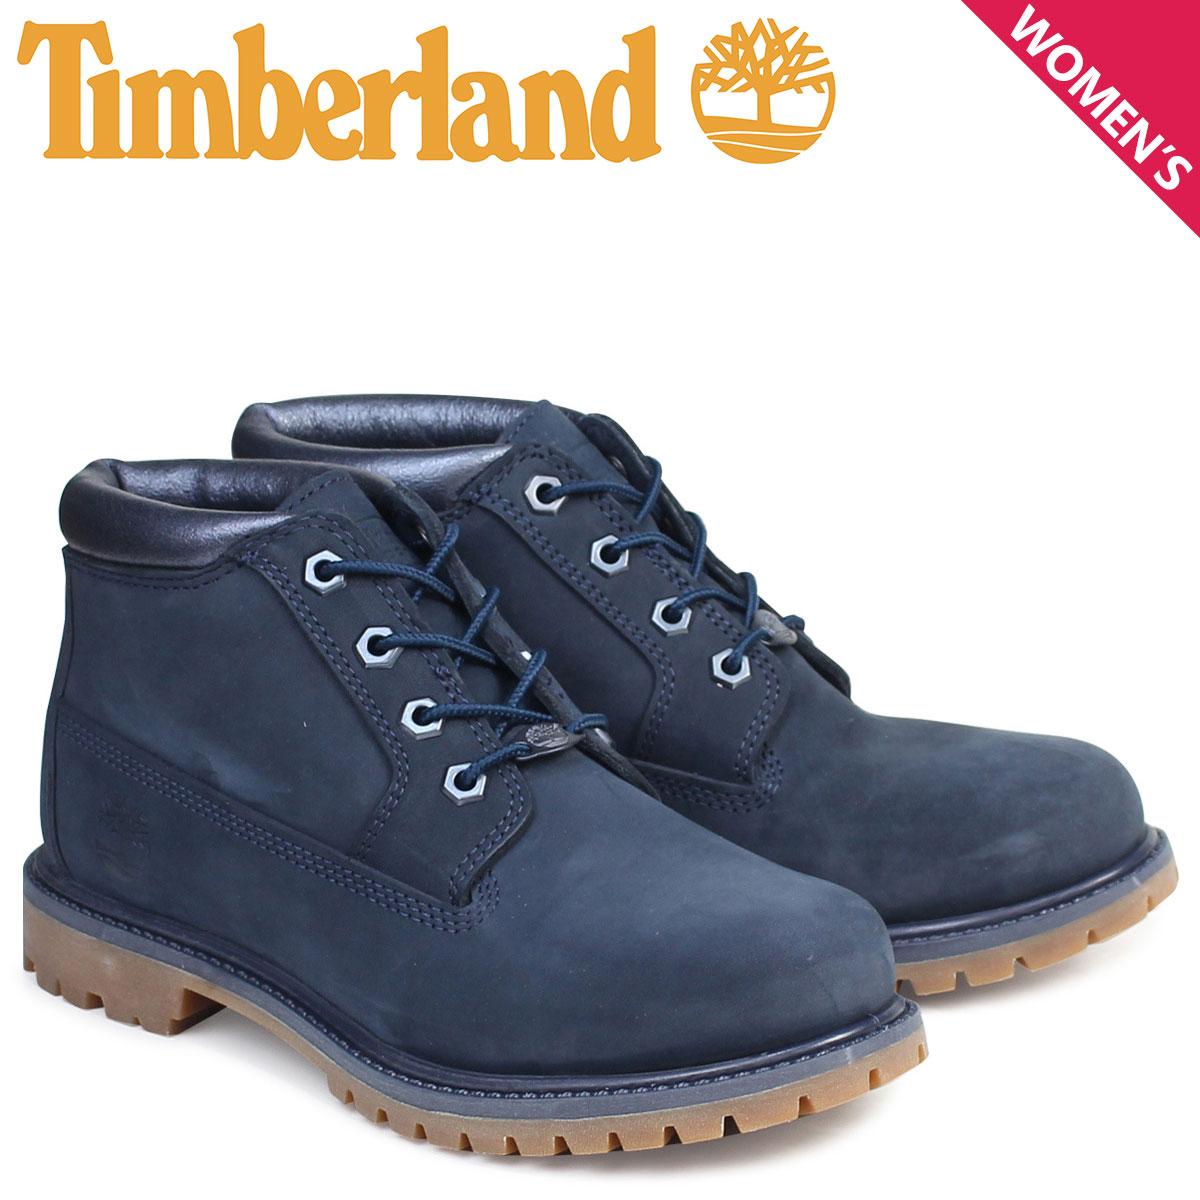 Timberland ブーツ レディース チャッカ ティンバーランド NELLIE CHUKKA DOUBLE WATERPROOF BOOTS ネリー ダブル A1K9I Wワイズ ネイビー 防水